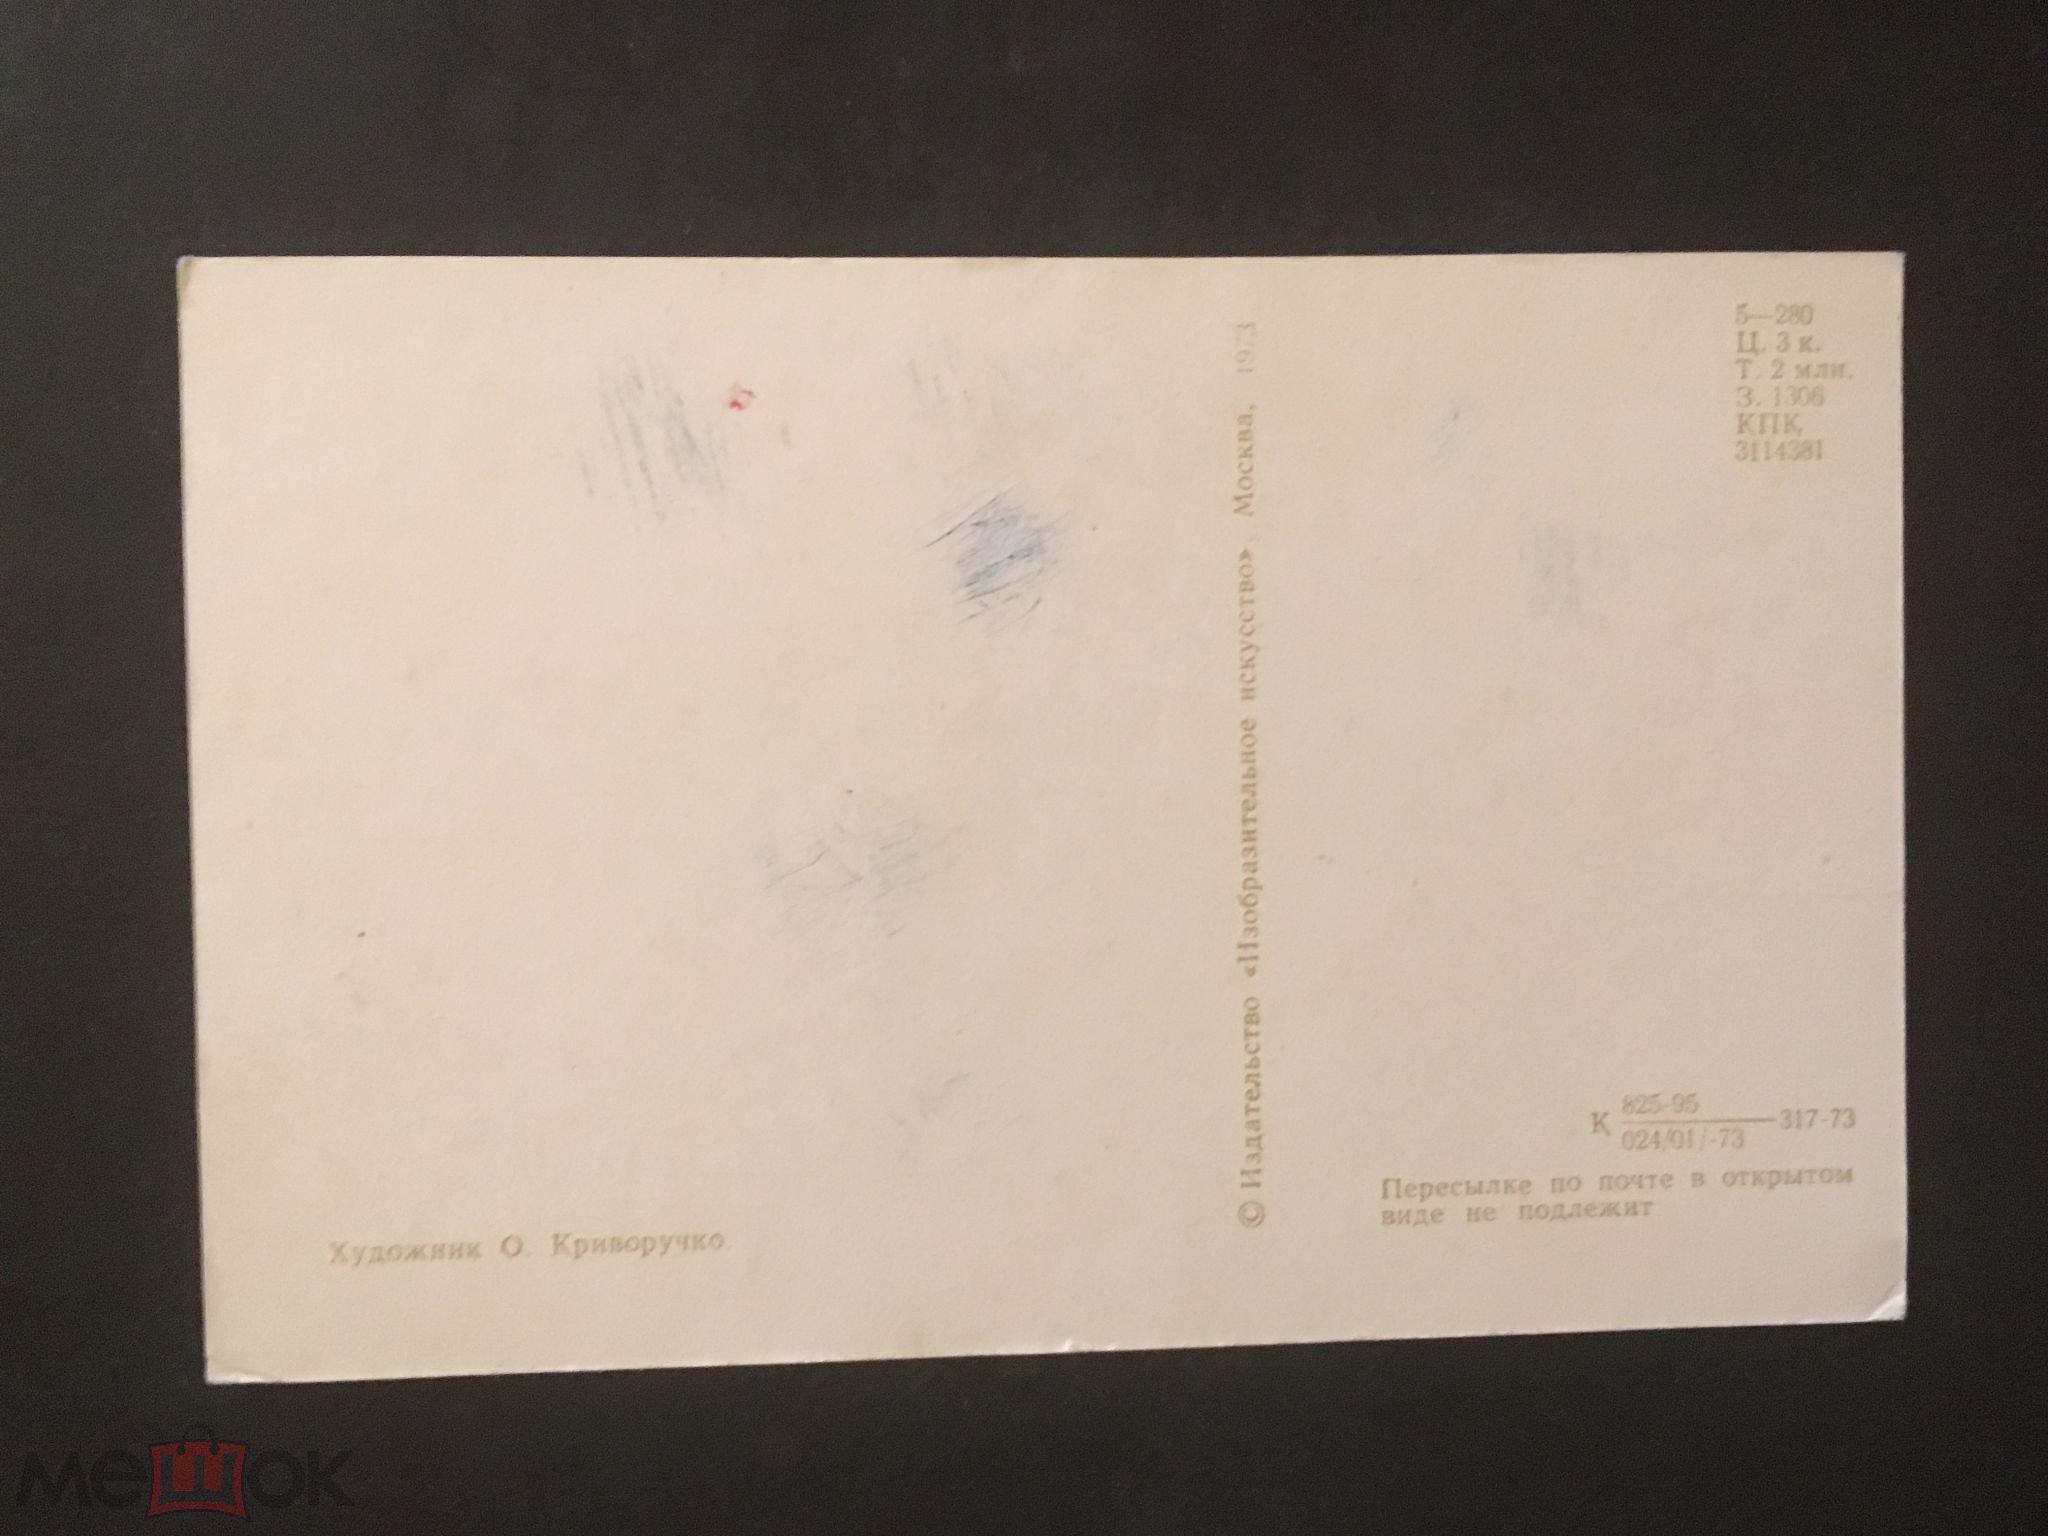 1973 Открытка Поздравительная , чистая , фото с двух сторон , размер 140х90 мм